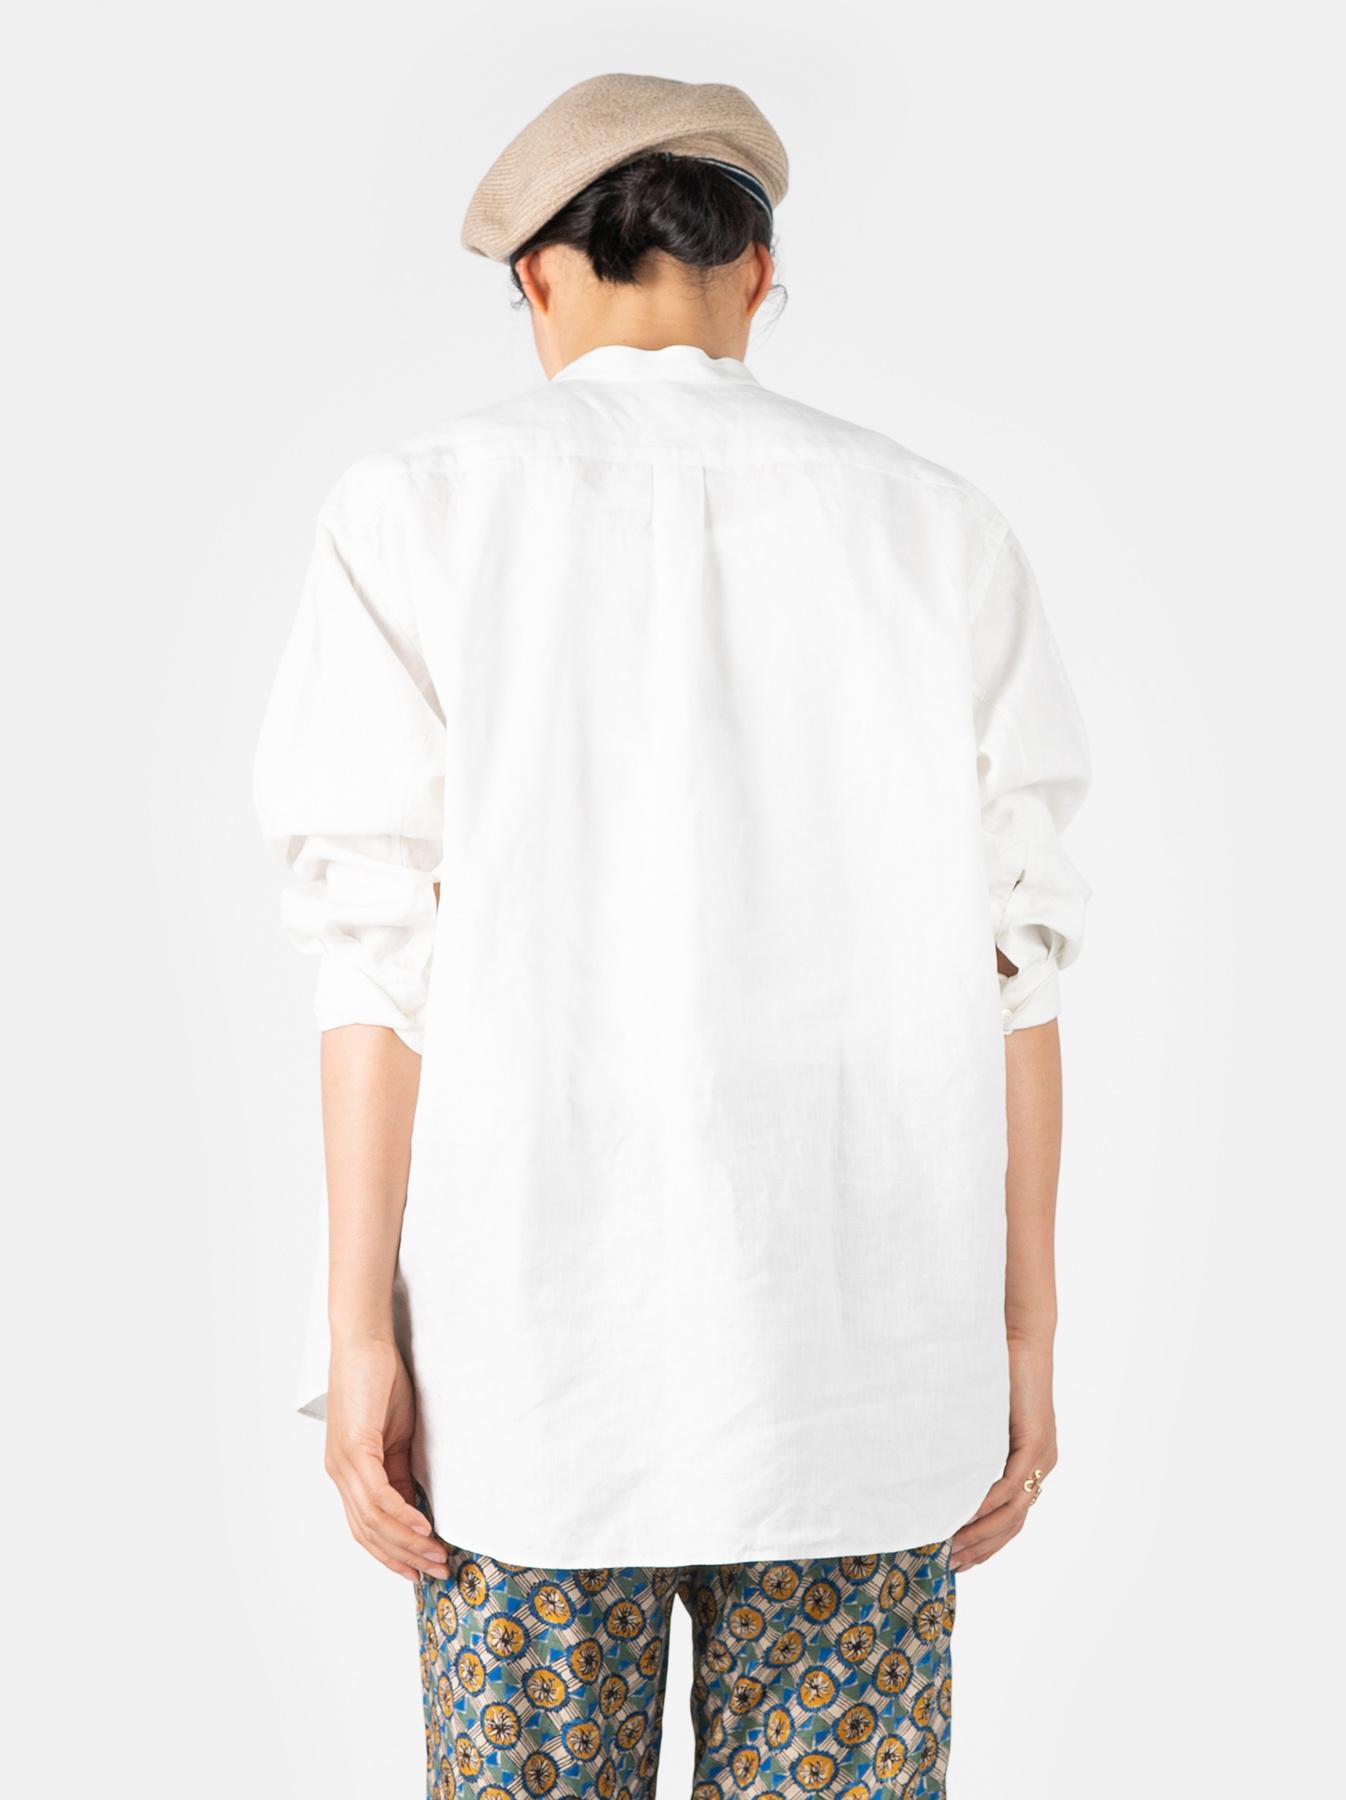 WH Linen Pin-tuck 908 Shirt-8